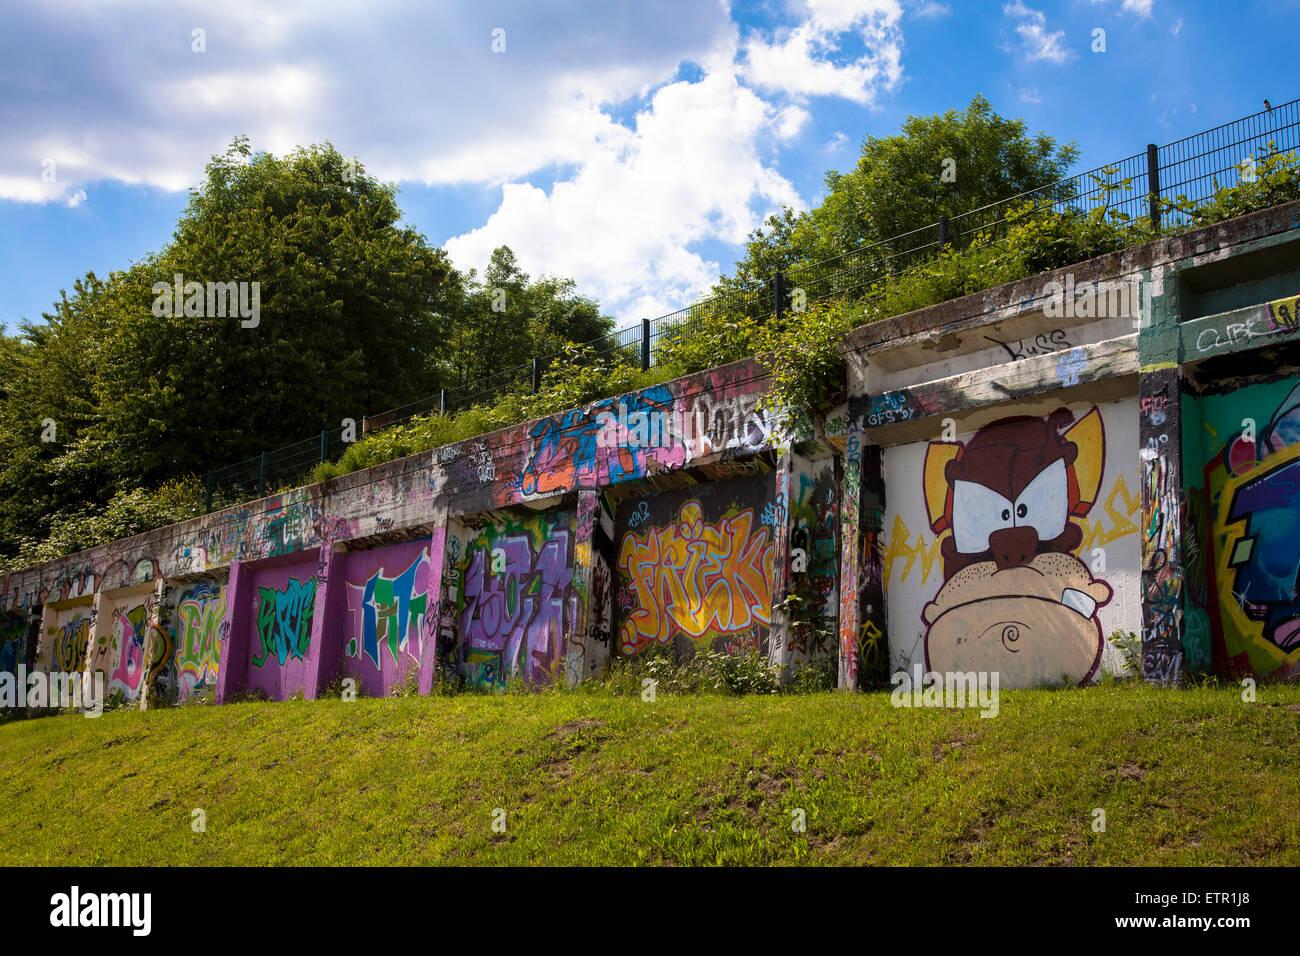 Europa, Deutschland, Nordrhein-Westfalen, Ruhrgebiet, Gelsenkirchen, Hall of Fame, Graffitis an einer 400 m langen - Stock Image